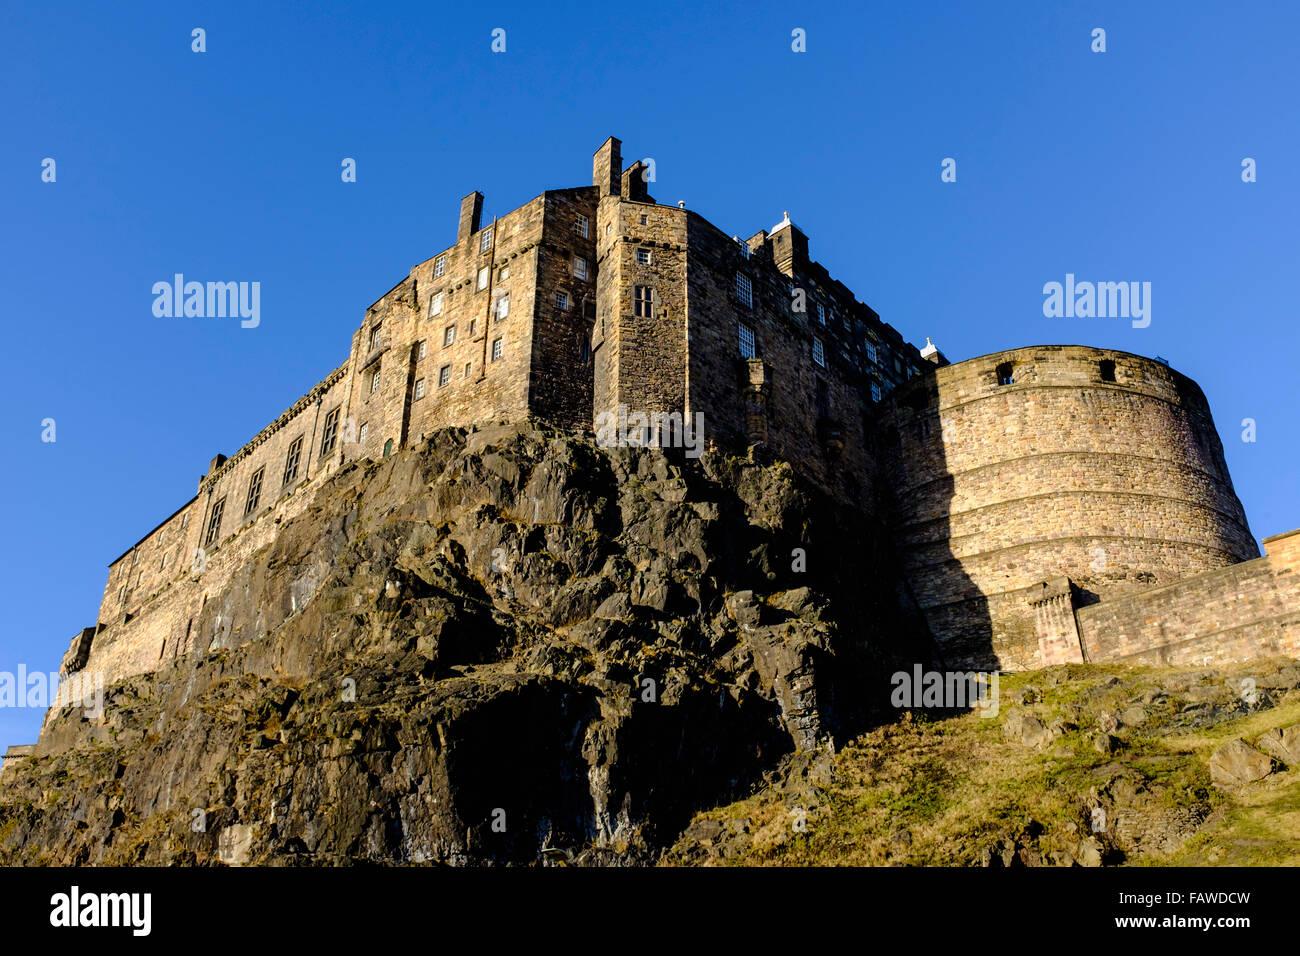 Vista sul Castello di Edimburgo sul cielo blu winer giorno in Scozia Immagini Stock